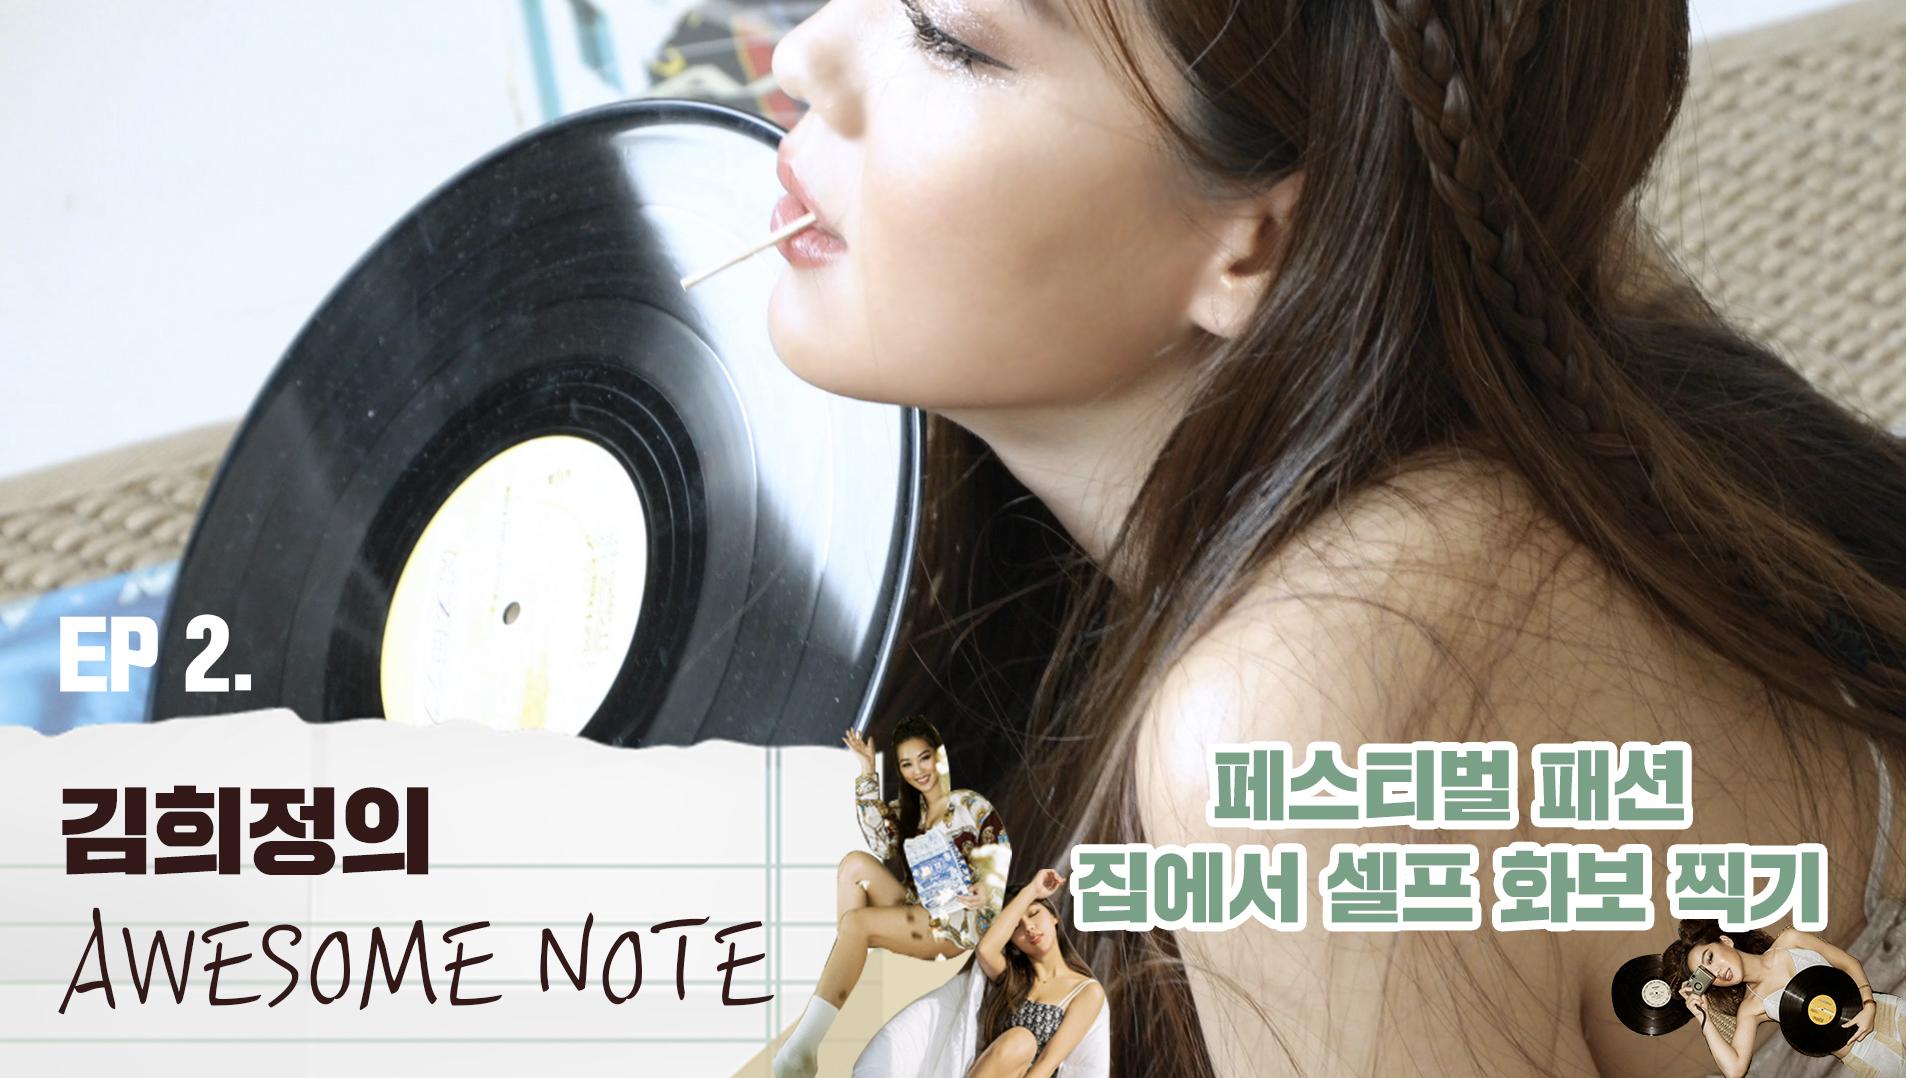 어썸노트) 김희정의 셀프화보 찍기